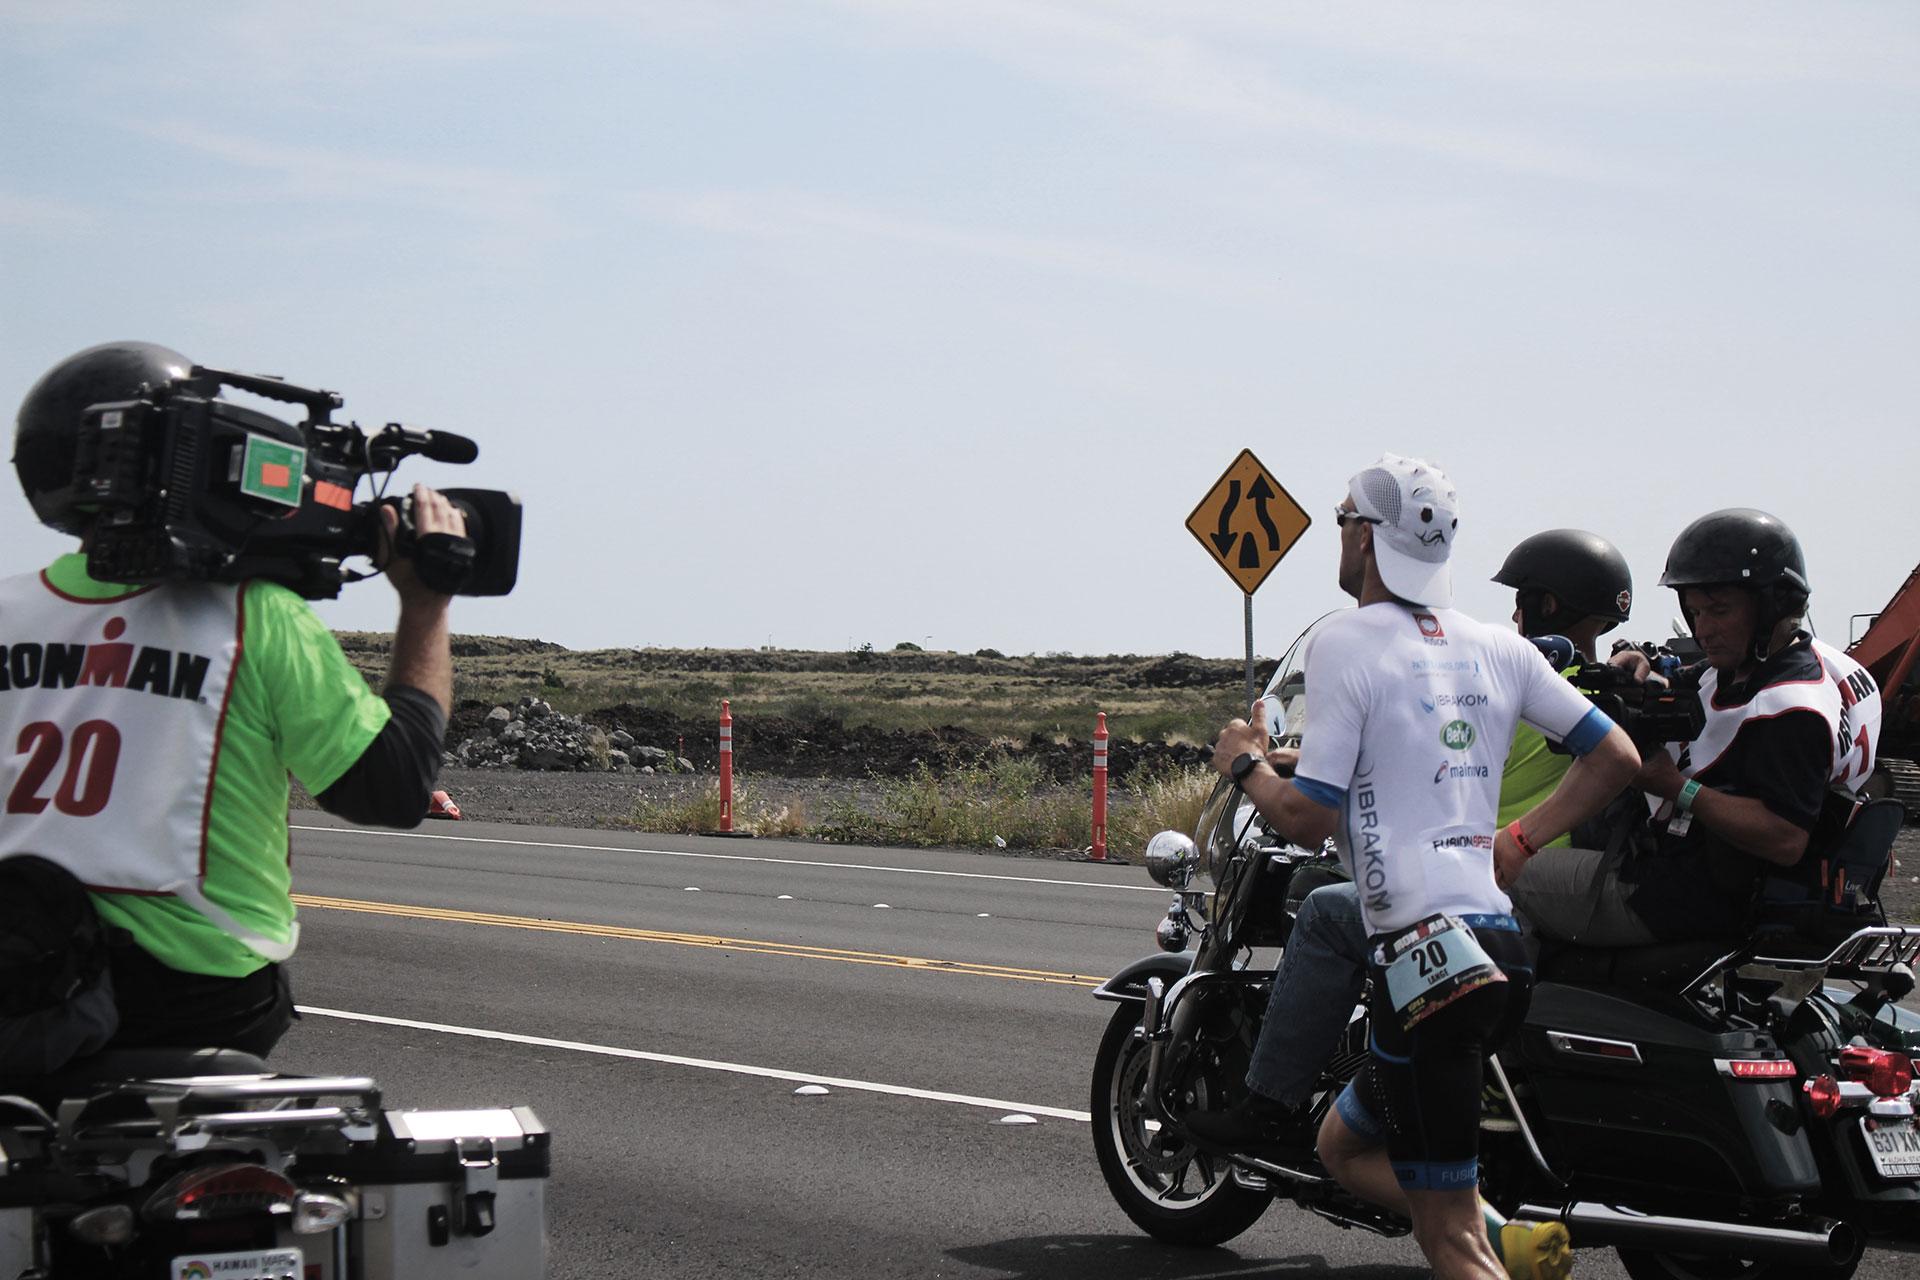 """INTERVIEW PATRICK LANGE """"Triathlon bis ich Hawaii gewinne"""" / In Rekordzeit von 2:39 Stunden läuft Patrick Lange den Marathon des Ironman Hawaii 2016"""